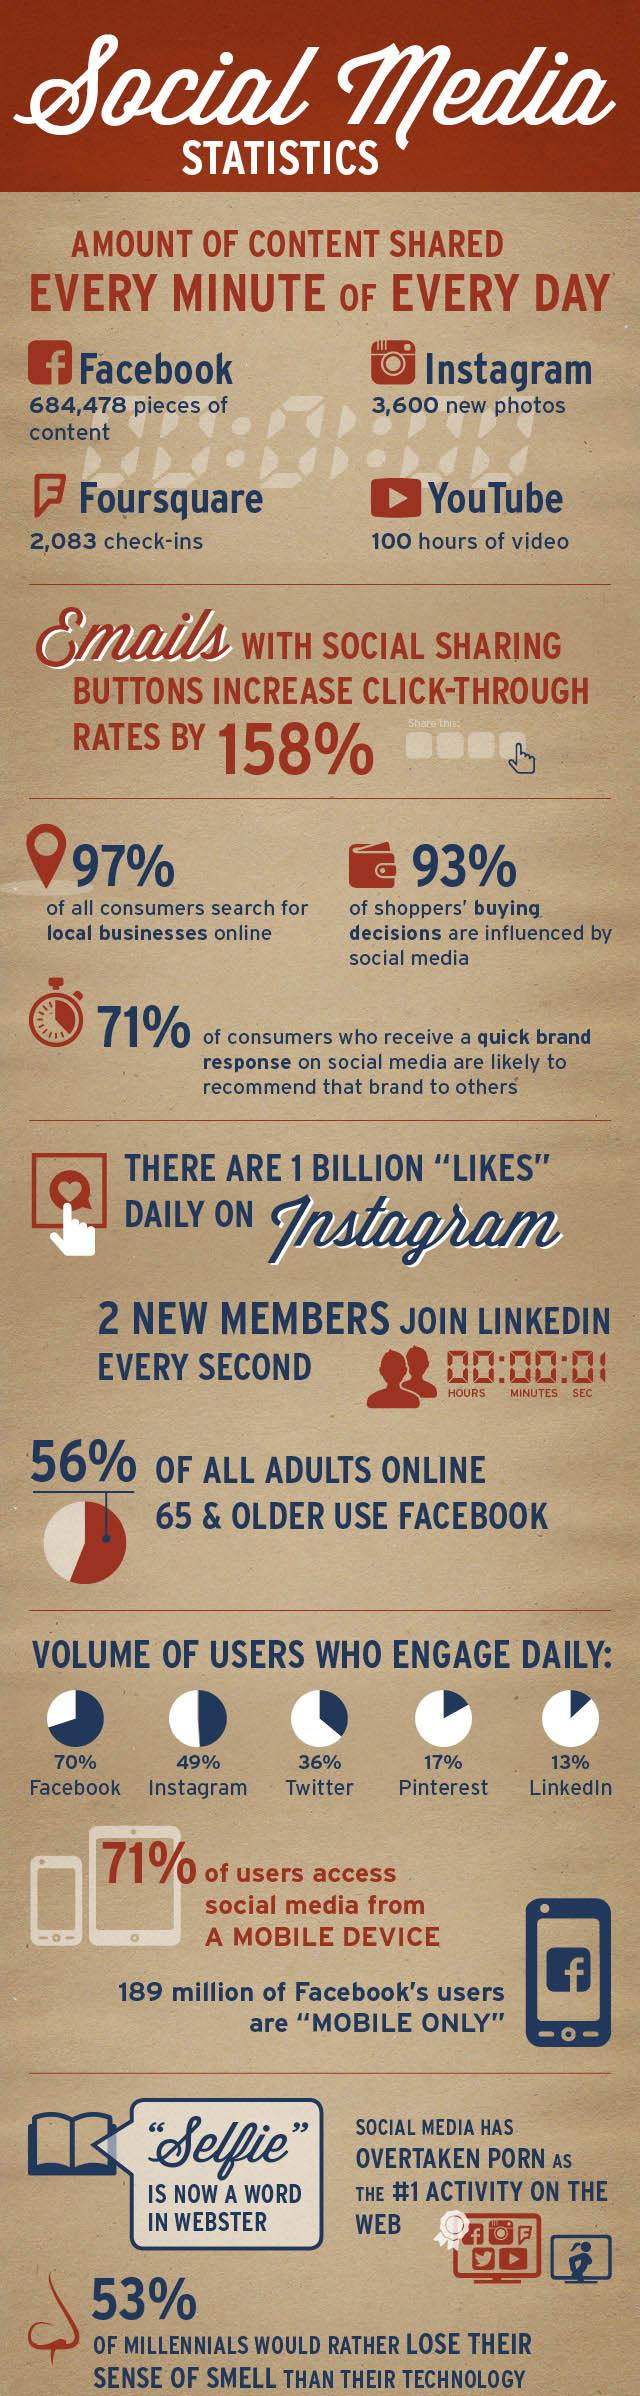 social-media-in-2015